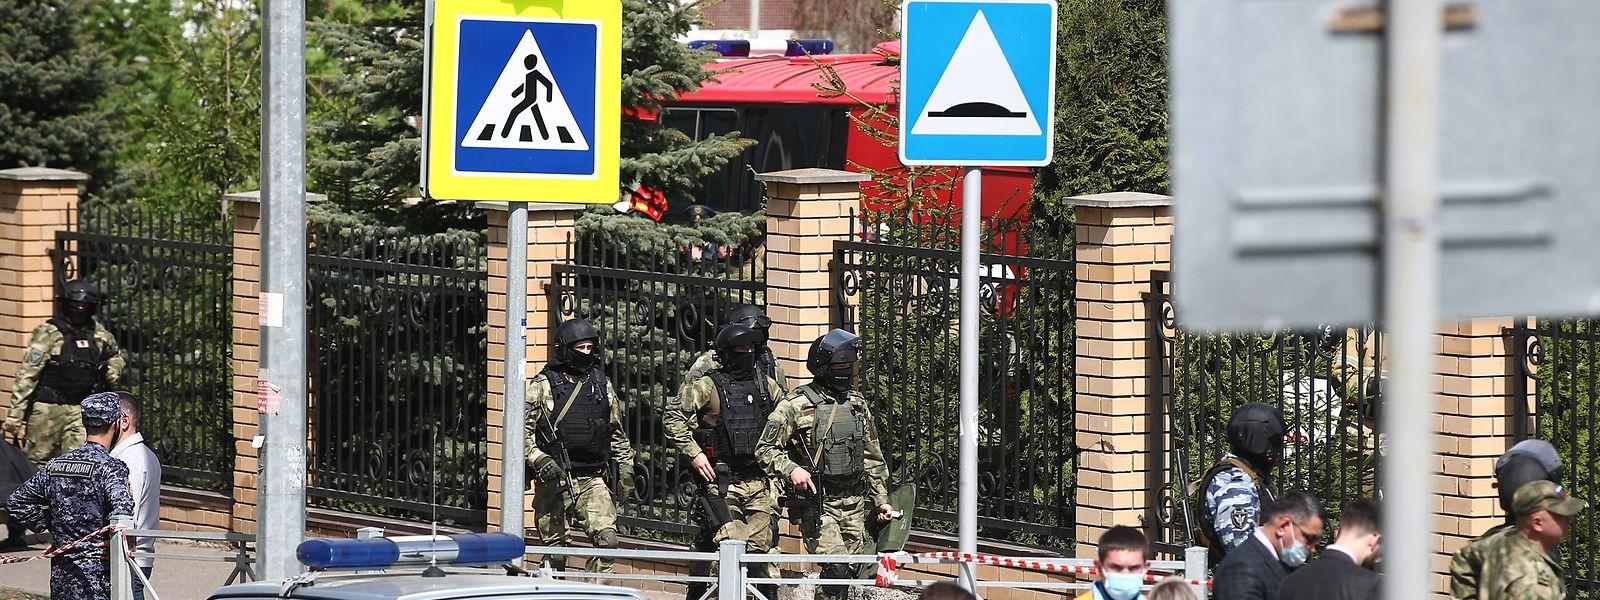 Bewaffnete Einsatzkräfte gehen zu dem Gymnasium Nummer 175. Bei einem Angriff auf die Schule im russischen Kasan sind mehrere Menschen getötet worden.